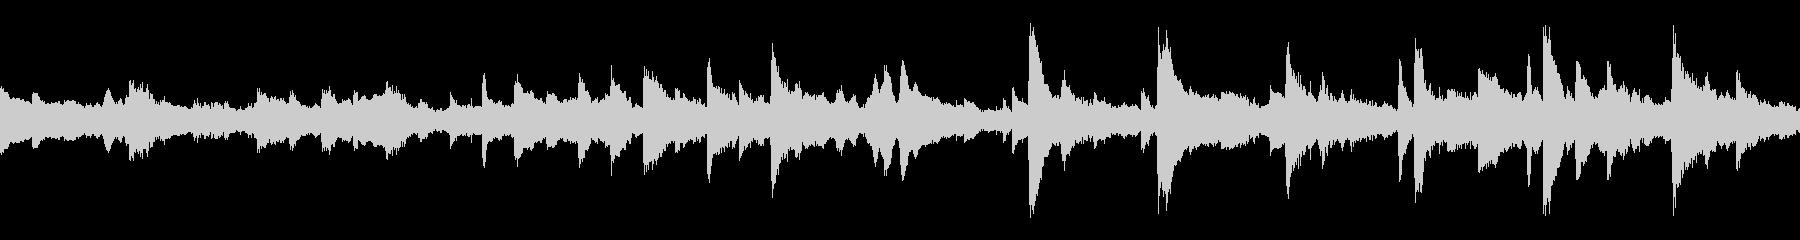 ピアノ、エスニックパーカッション、...の未再生の波形